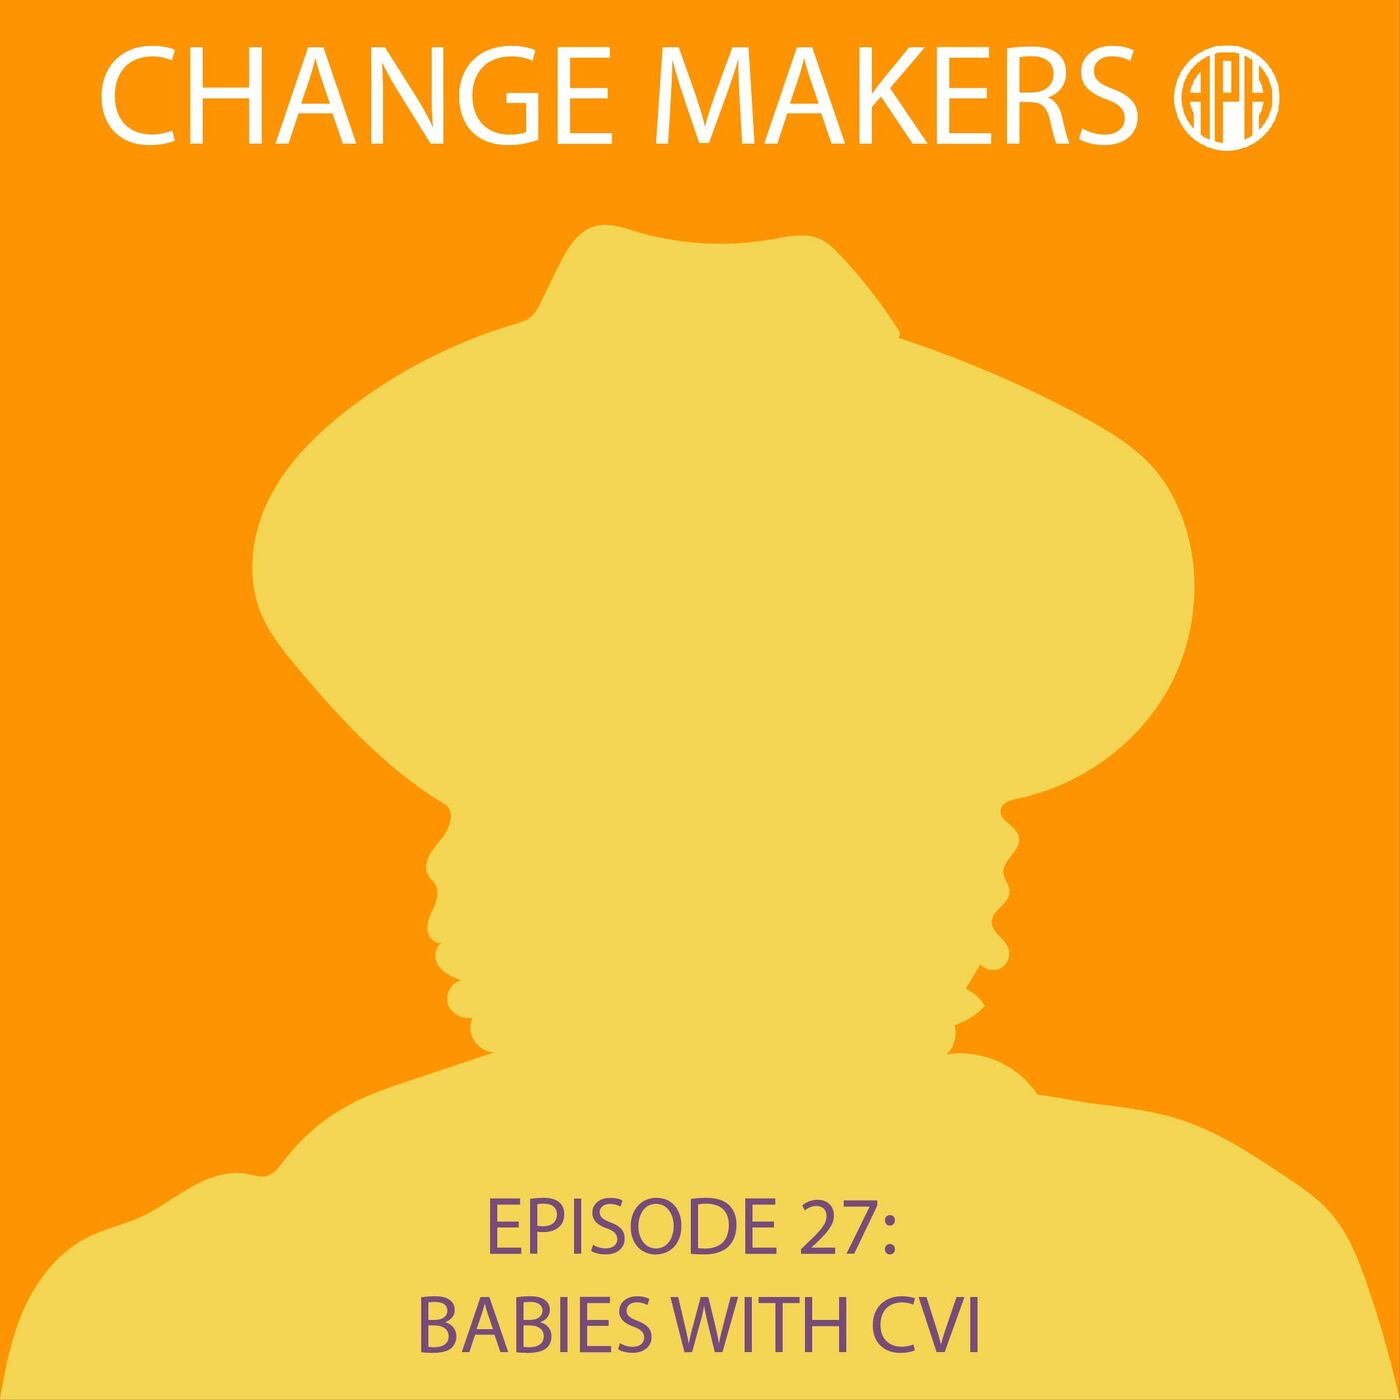 Babies with CVI